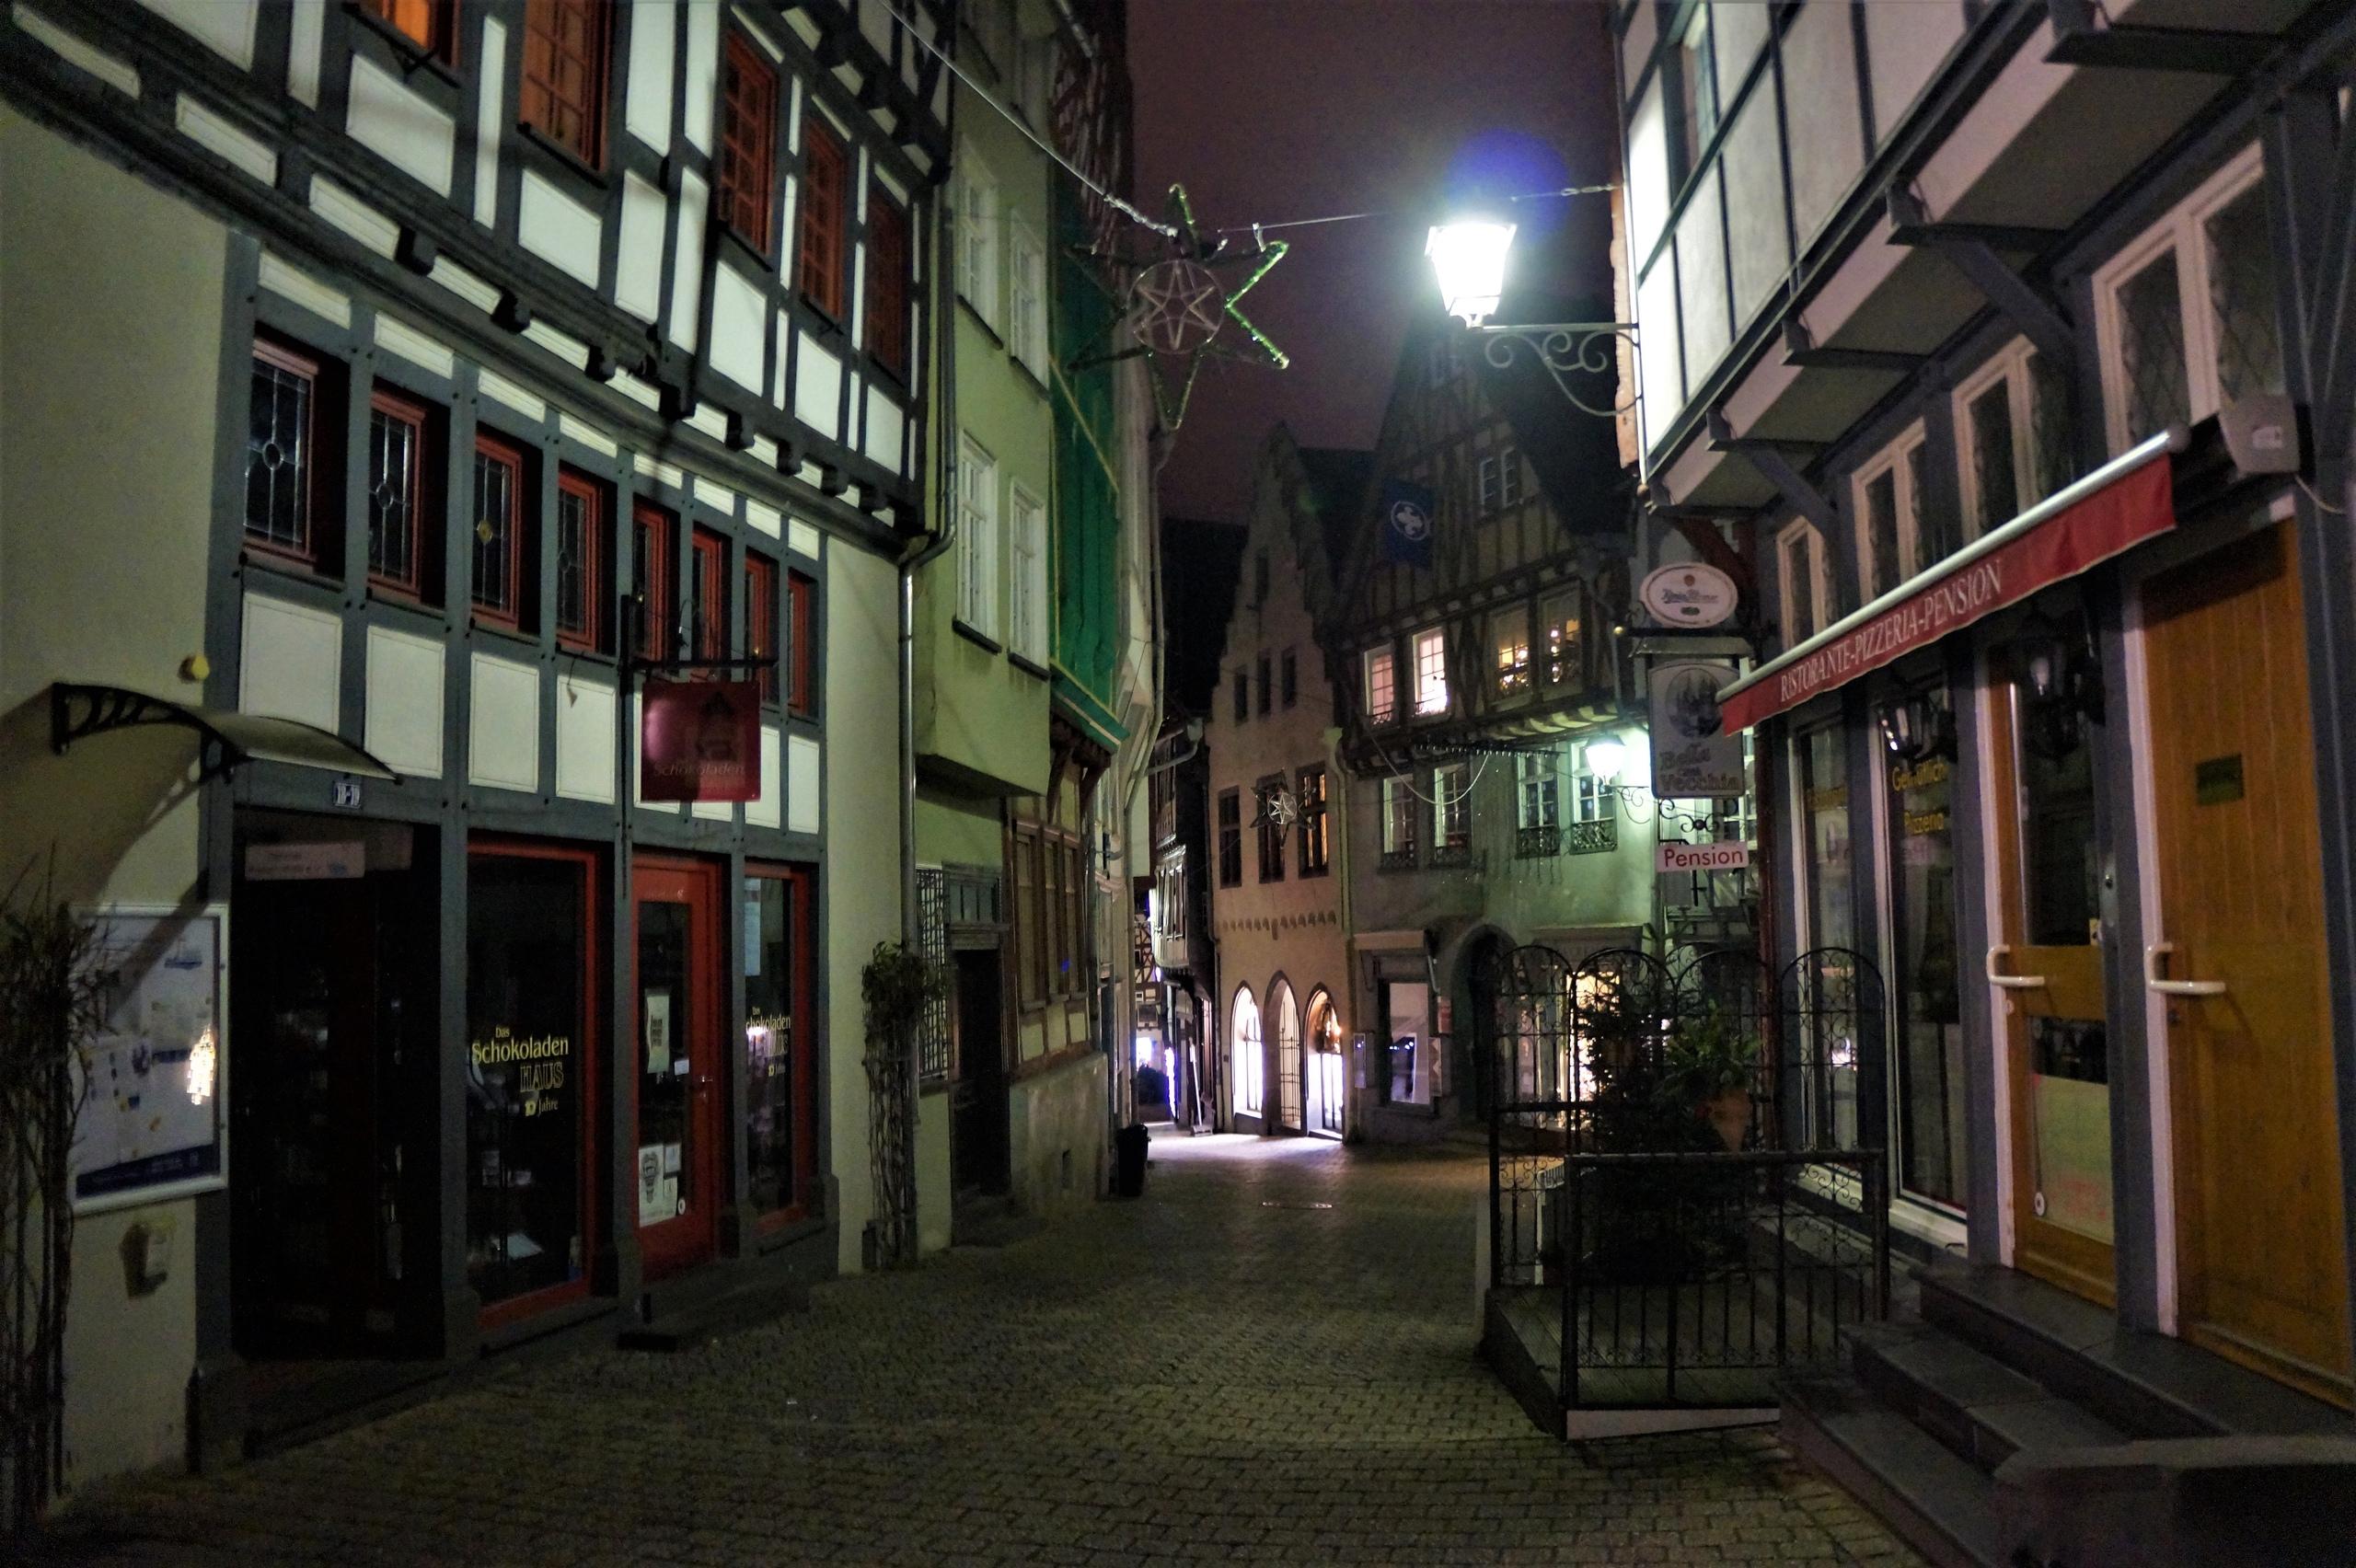 Ночная прогулка по Лимбургу в ночь перед Рождеством